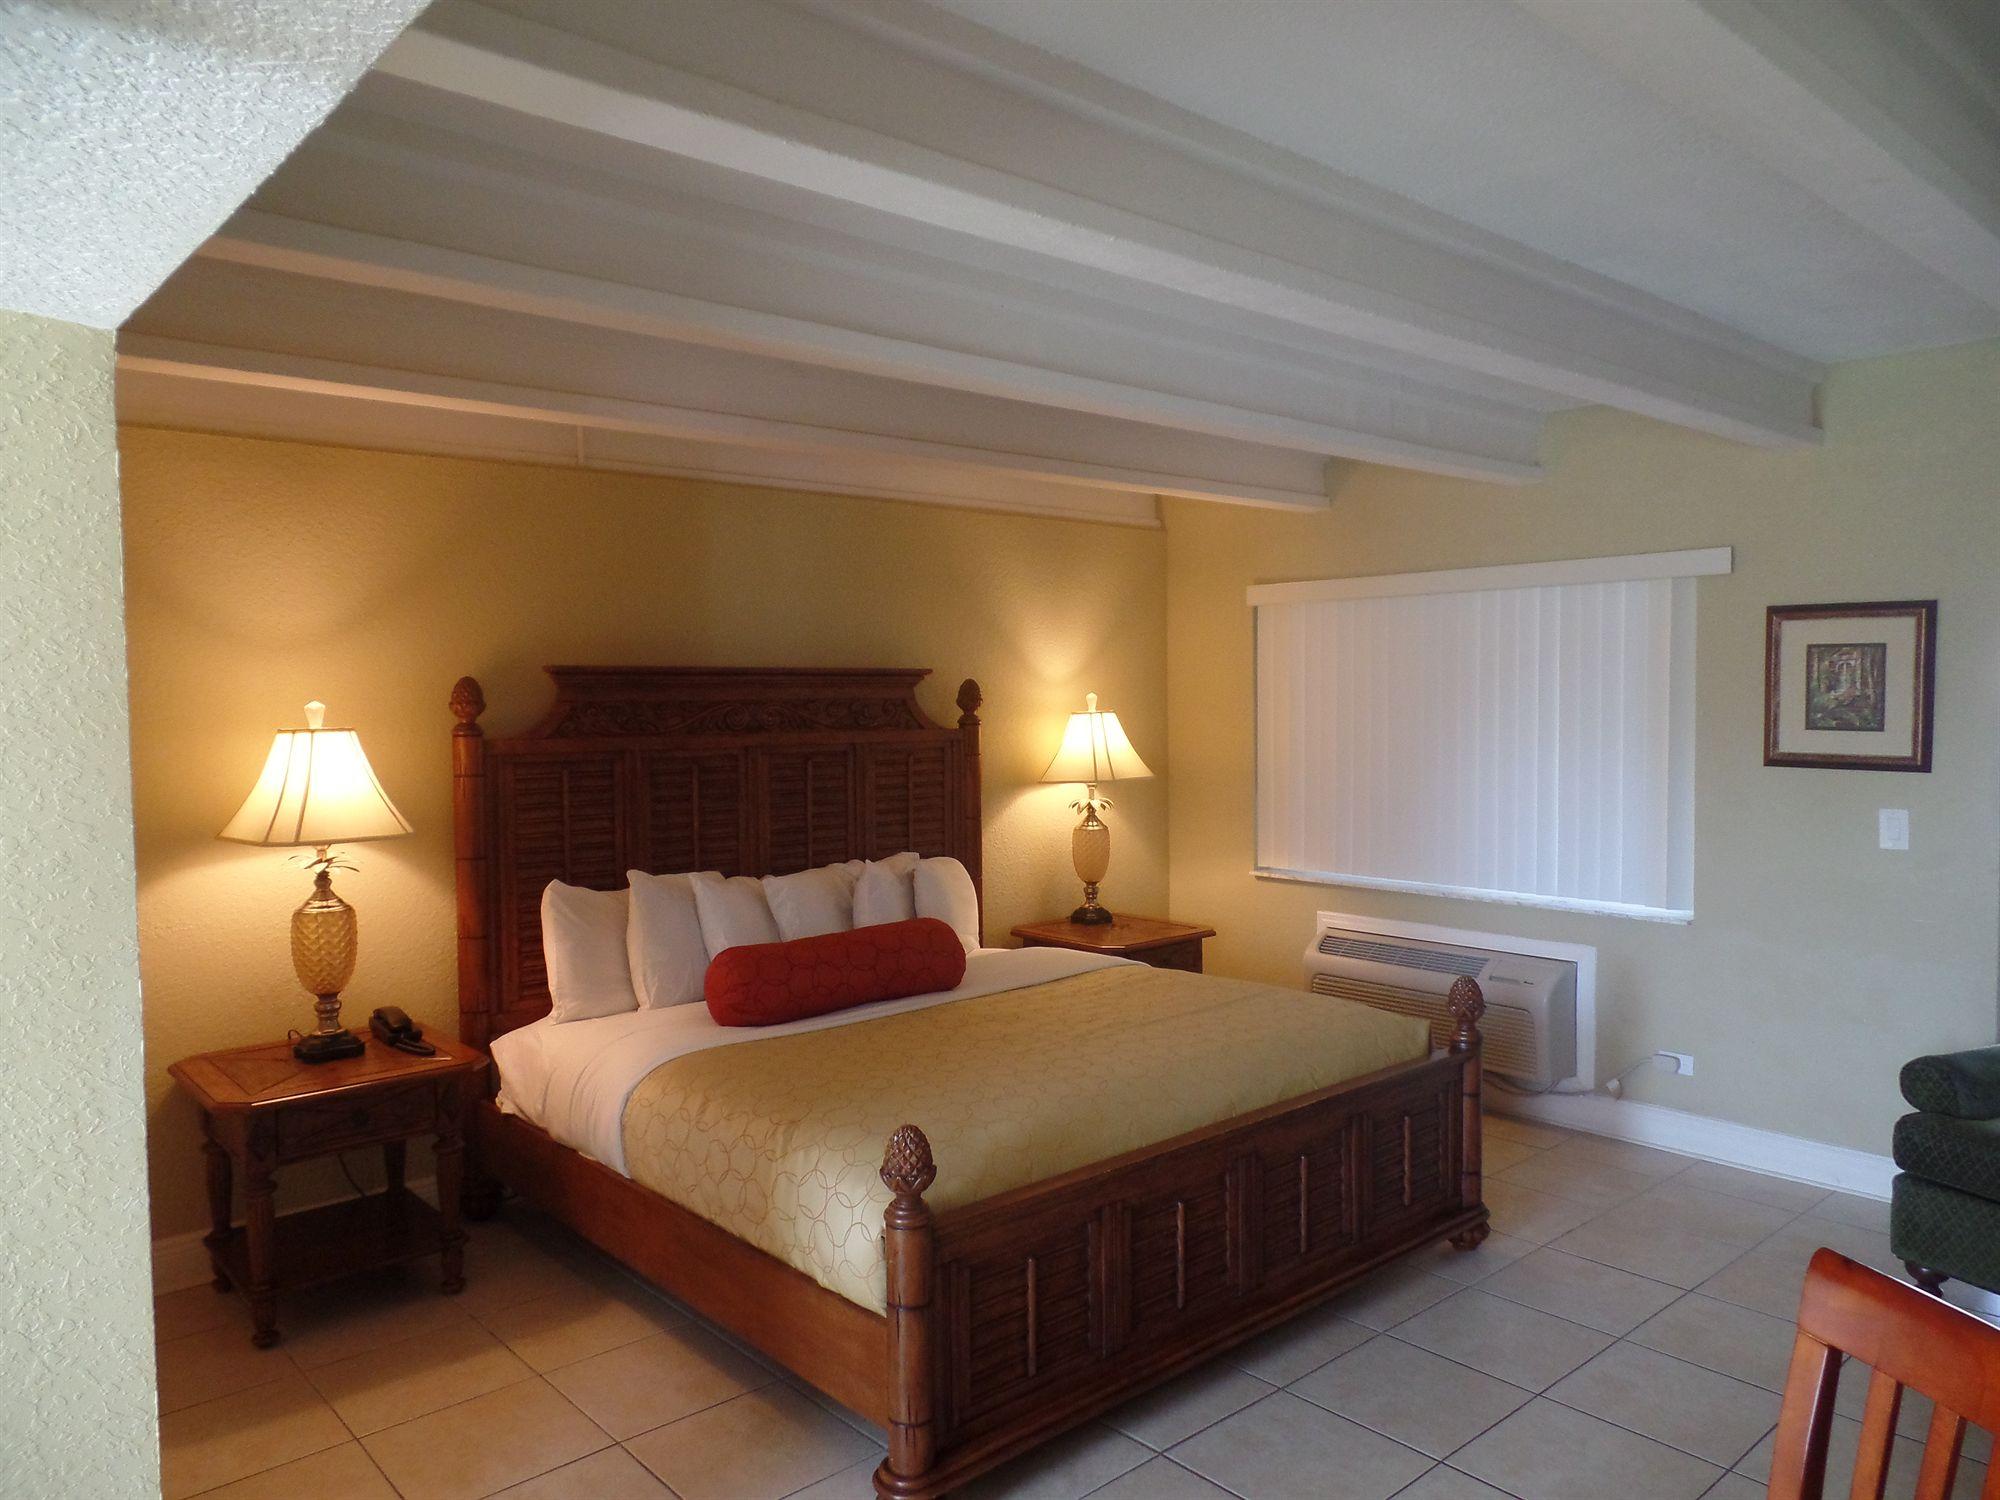 The Bayside Inn & Marina in Treasure Island, FL